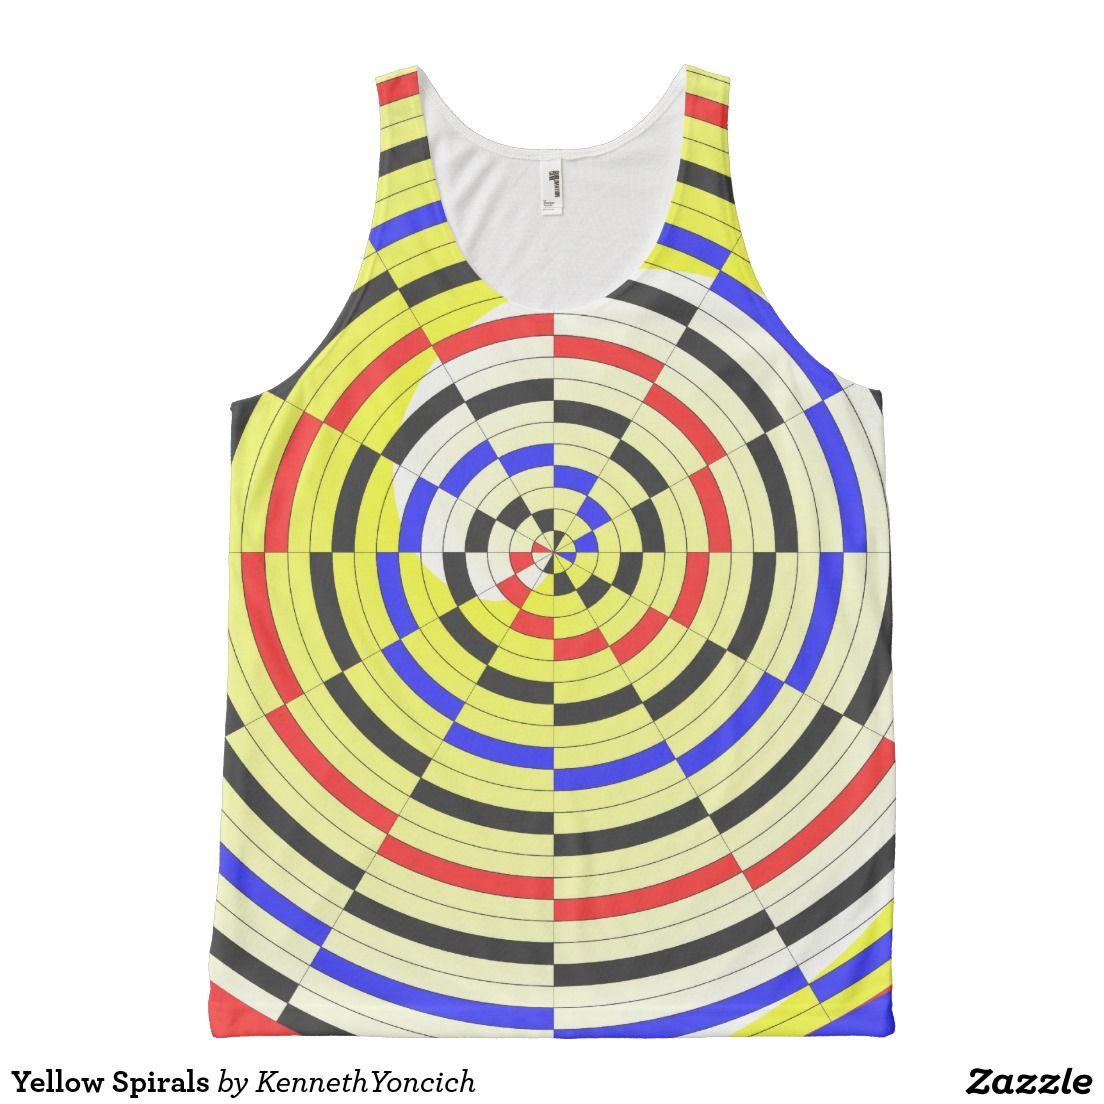 Yellow Spirals